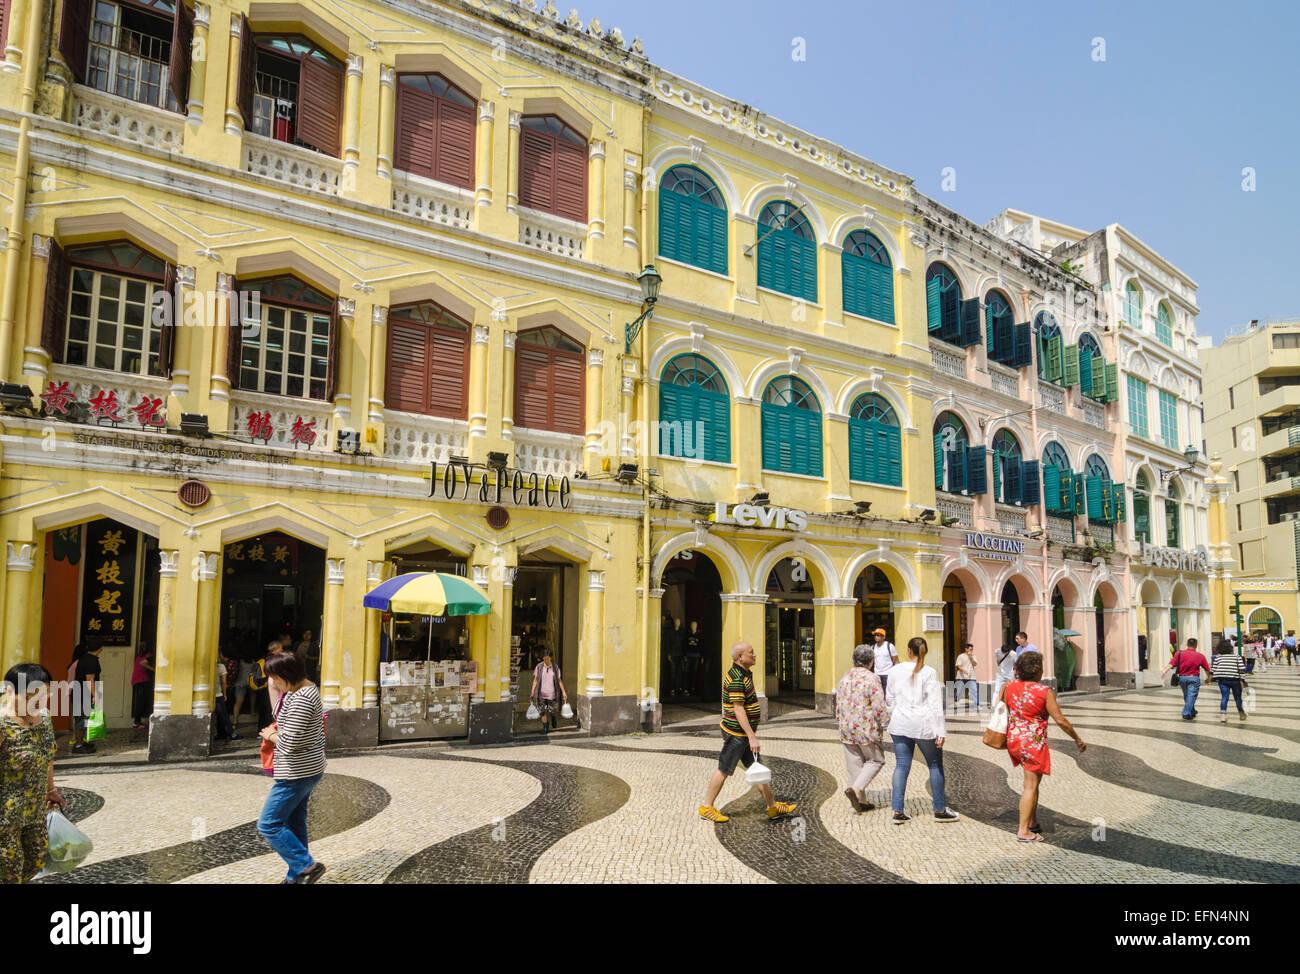 Pavés de mosaïque de la Place Senado, Macao, Chine Photo Stock